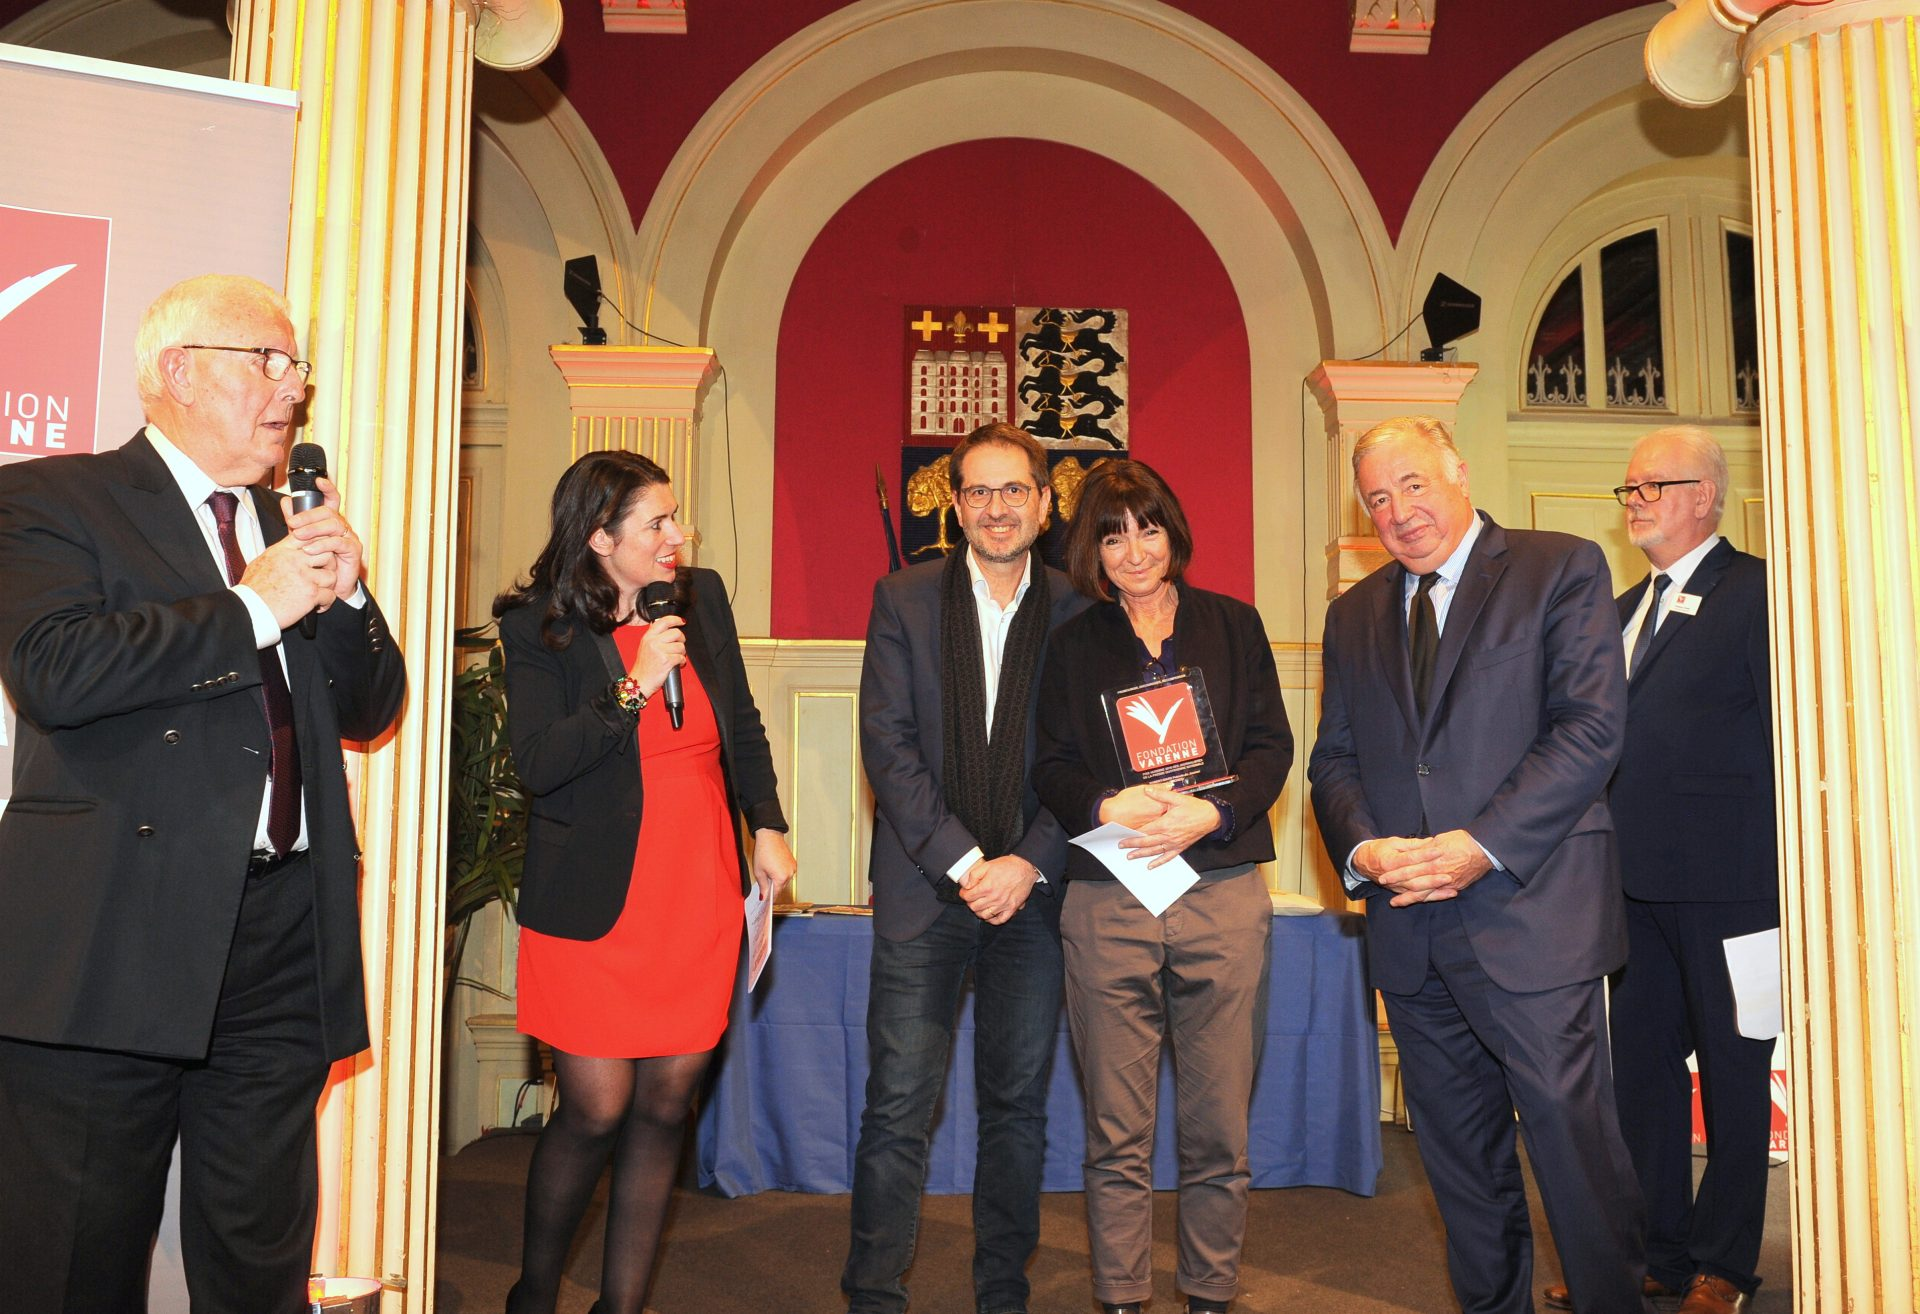 Grand Prix VARENNE des Journalistes de la PQN remis à Pascale ROBERT-DIARD du MONDE